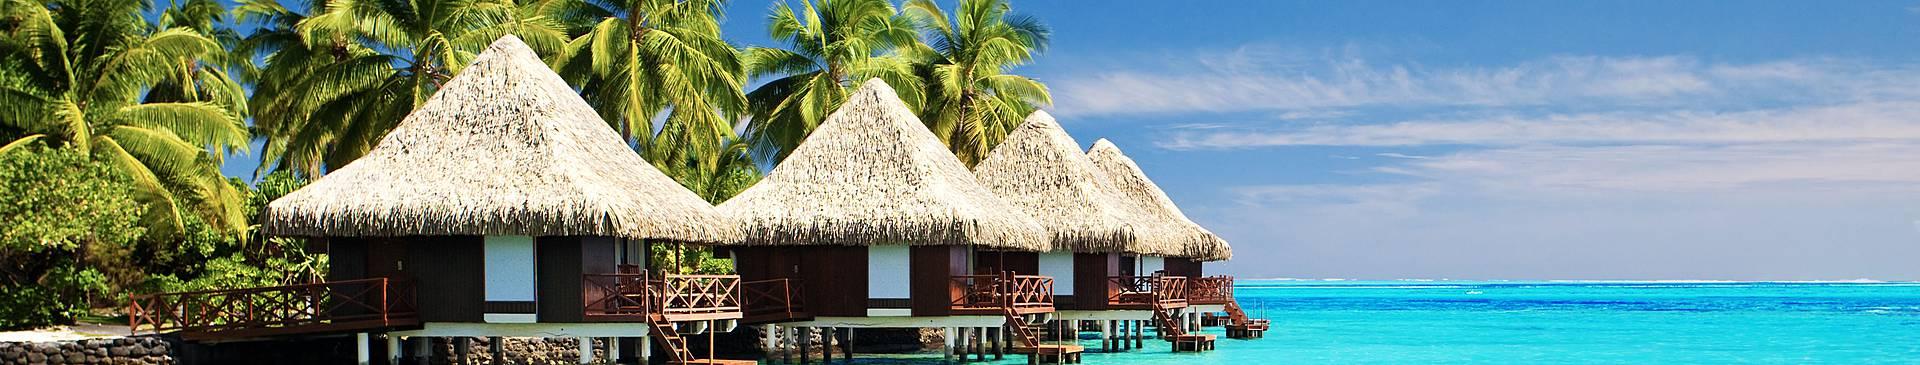 Viaggi alle Maldive a giugno